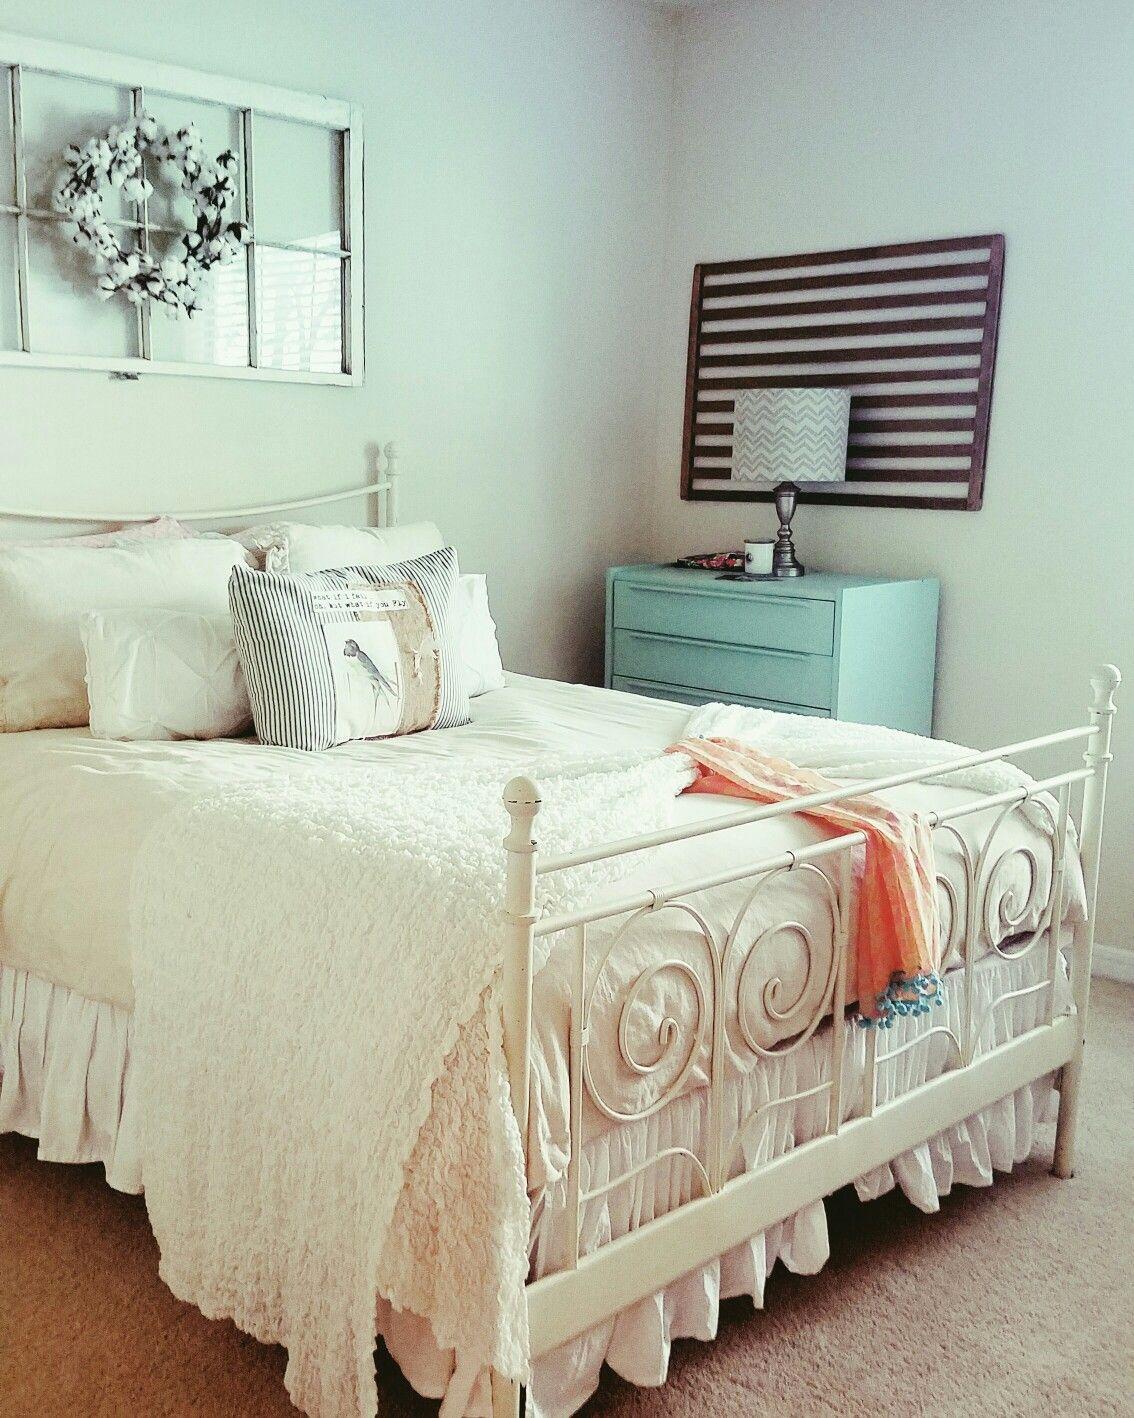 morehandsdallas nice job in the bedroom wwwmorehands